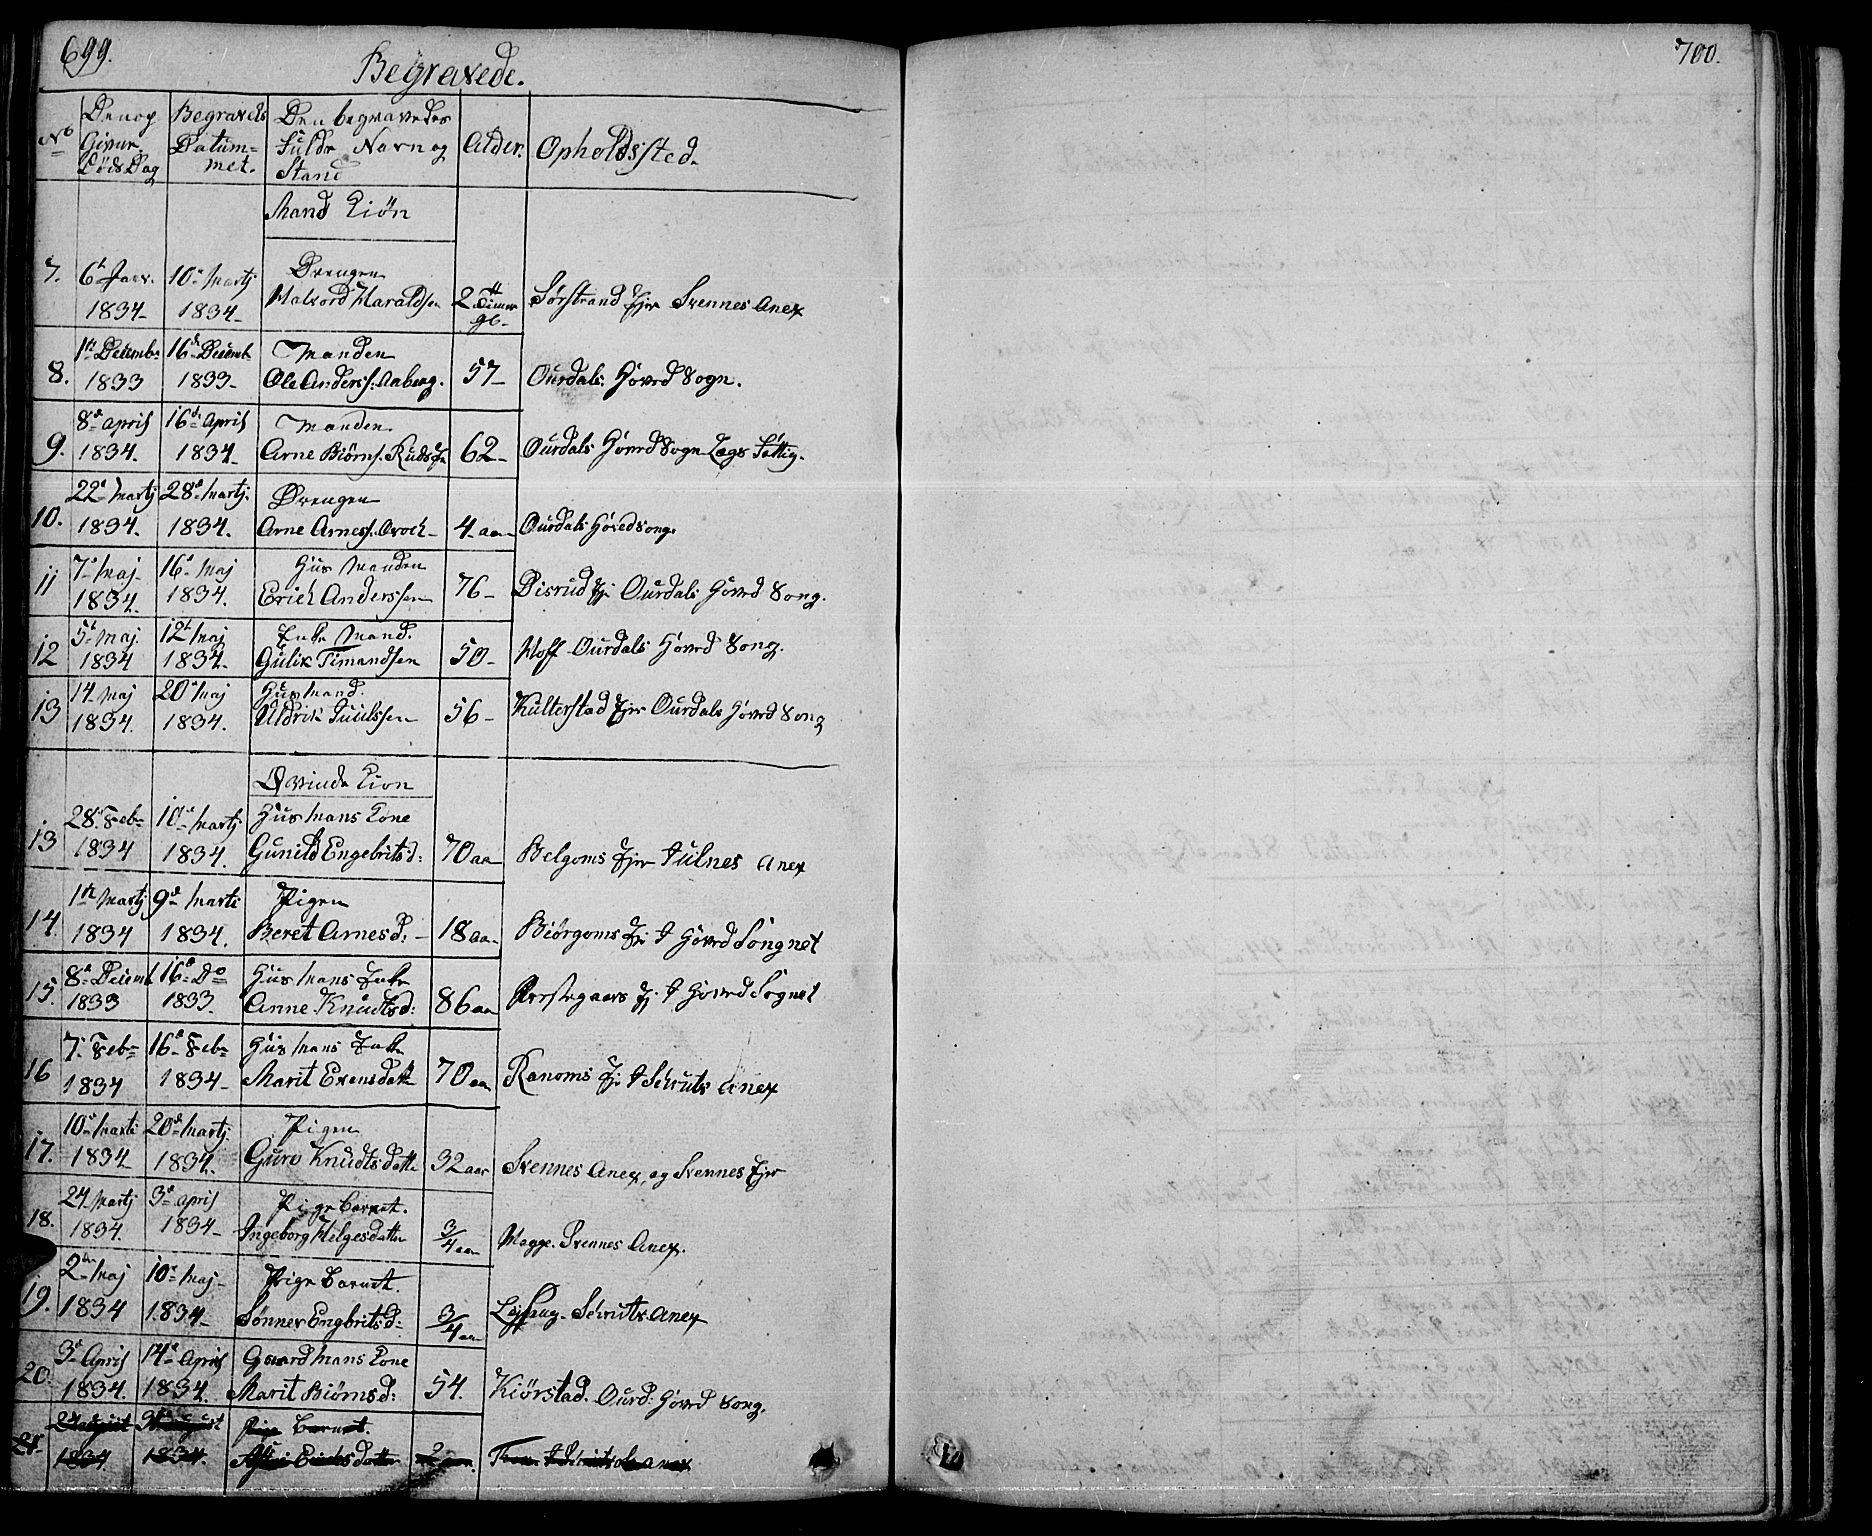 SAH, Nord-Aurdal prestekontor, Klokkerbok nr. 1, 1834-1887, s. 699-700